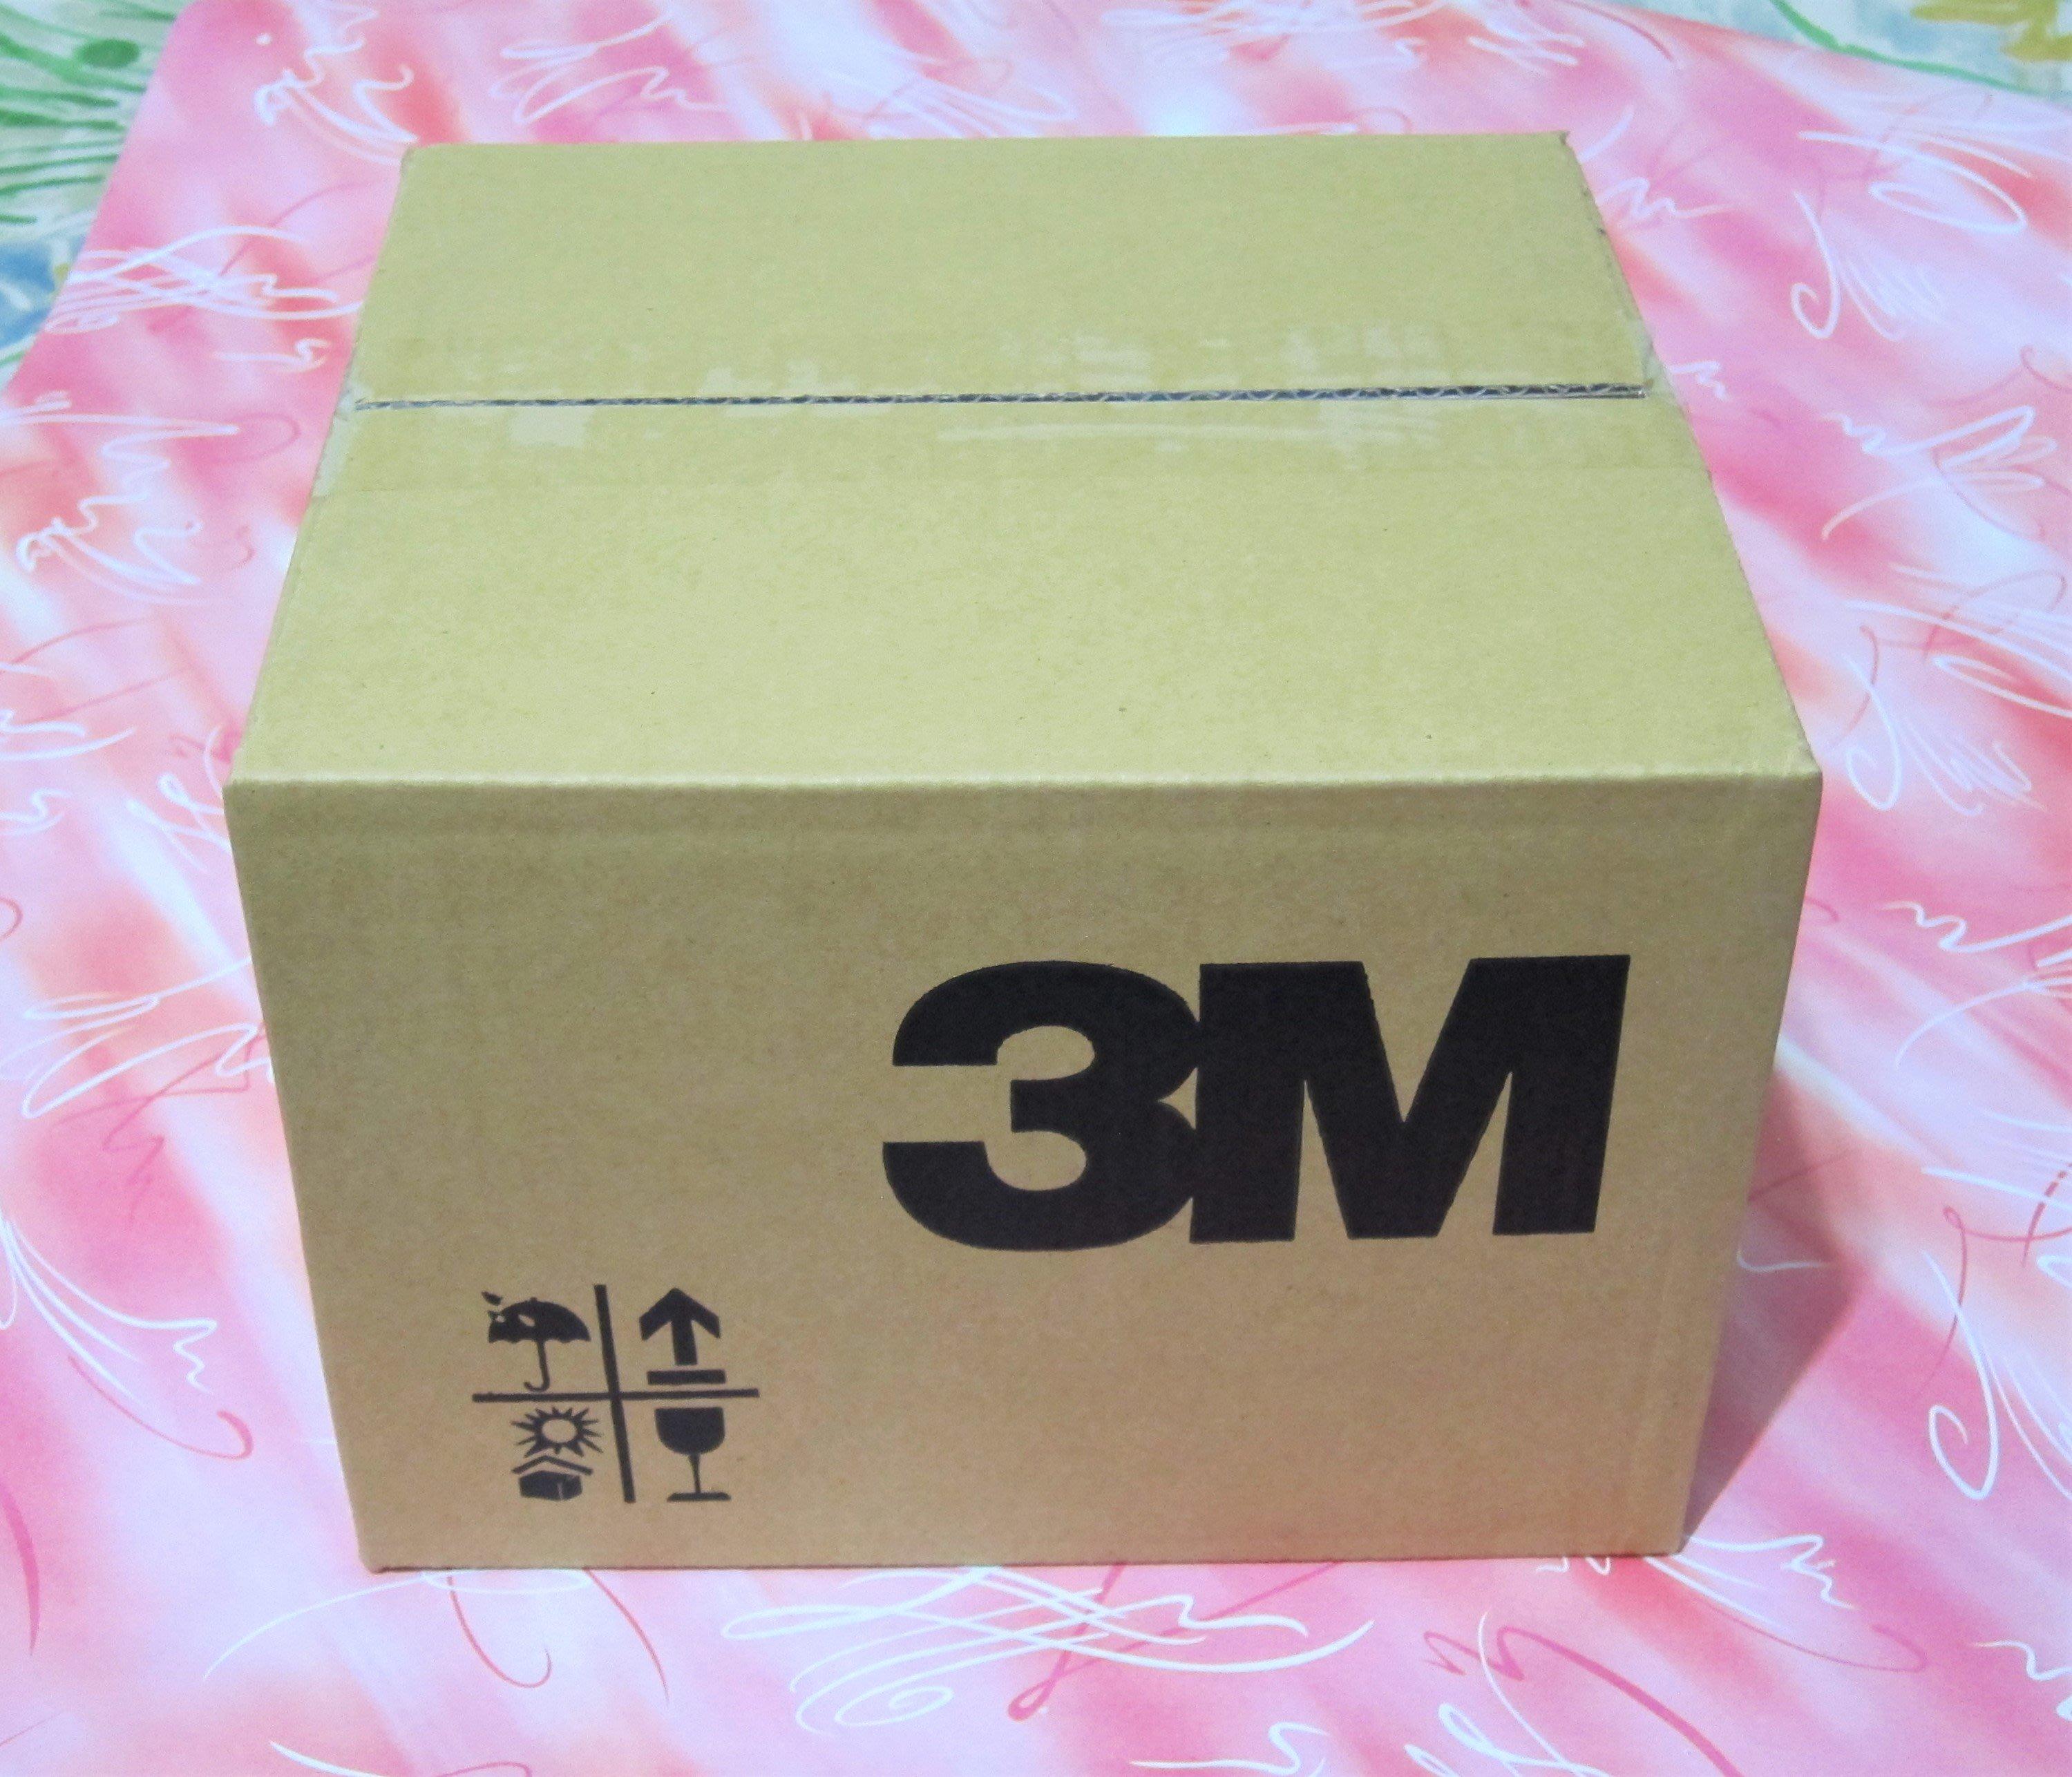 《優惠中只到8月14日止》【3M】細滑牙線棒散裝超值分享包500支x3包(共1500支)